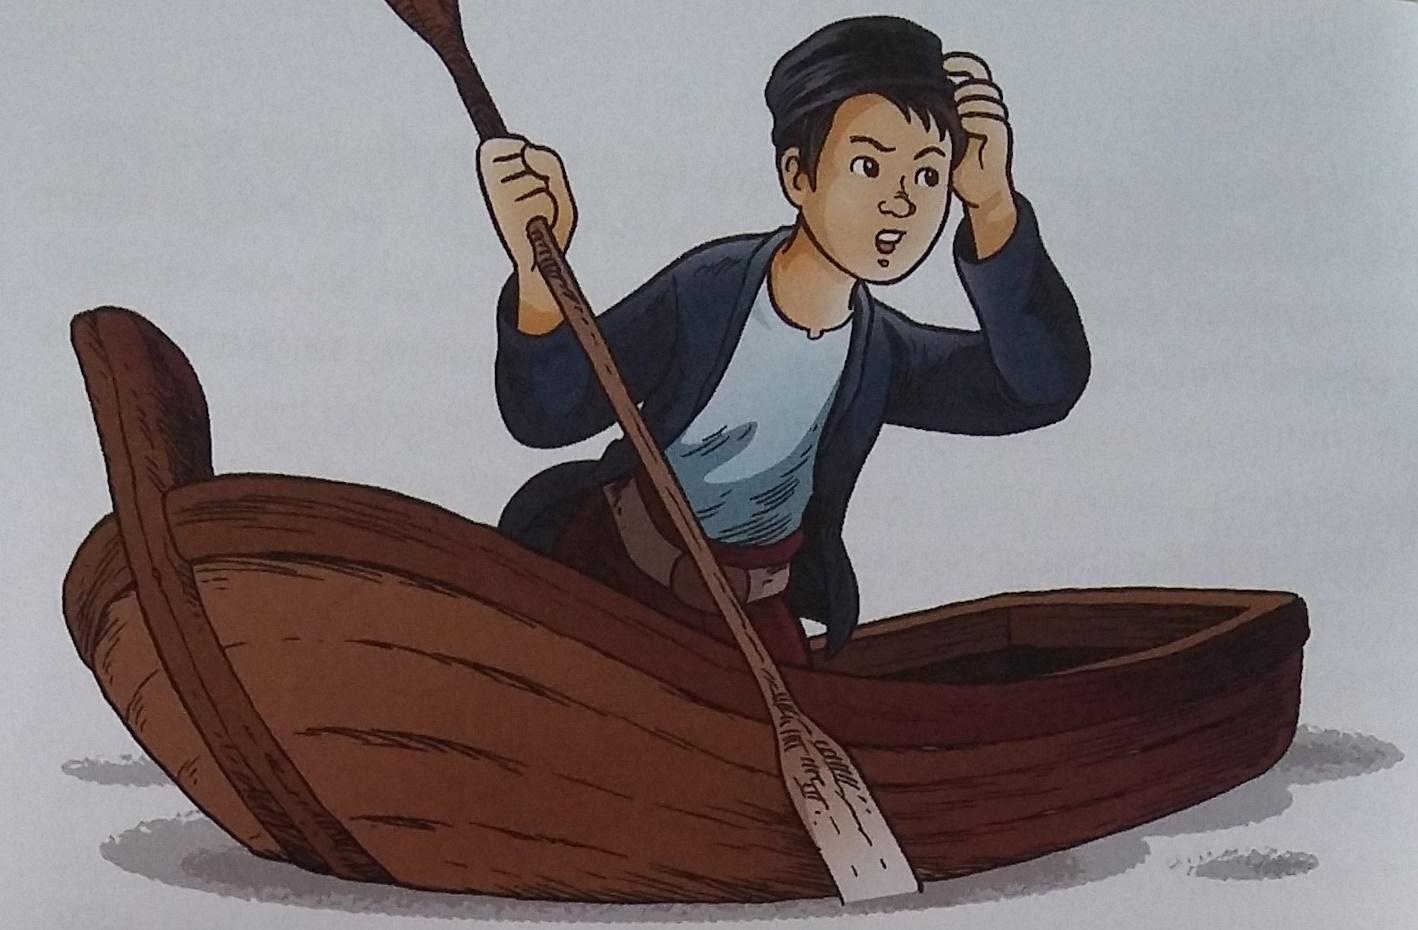 Cerita Rakyat Sumatera Barat Dongeng Anak Si Lebai